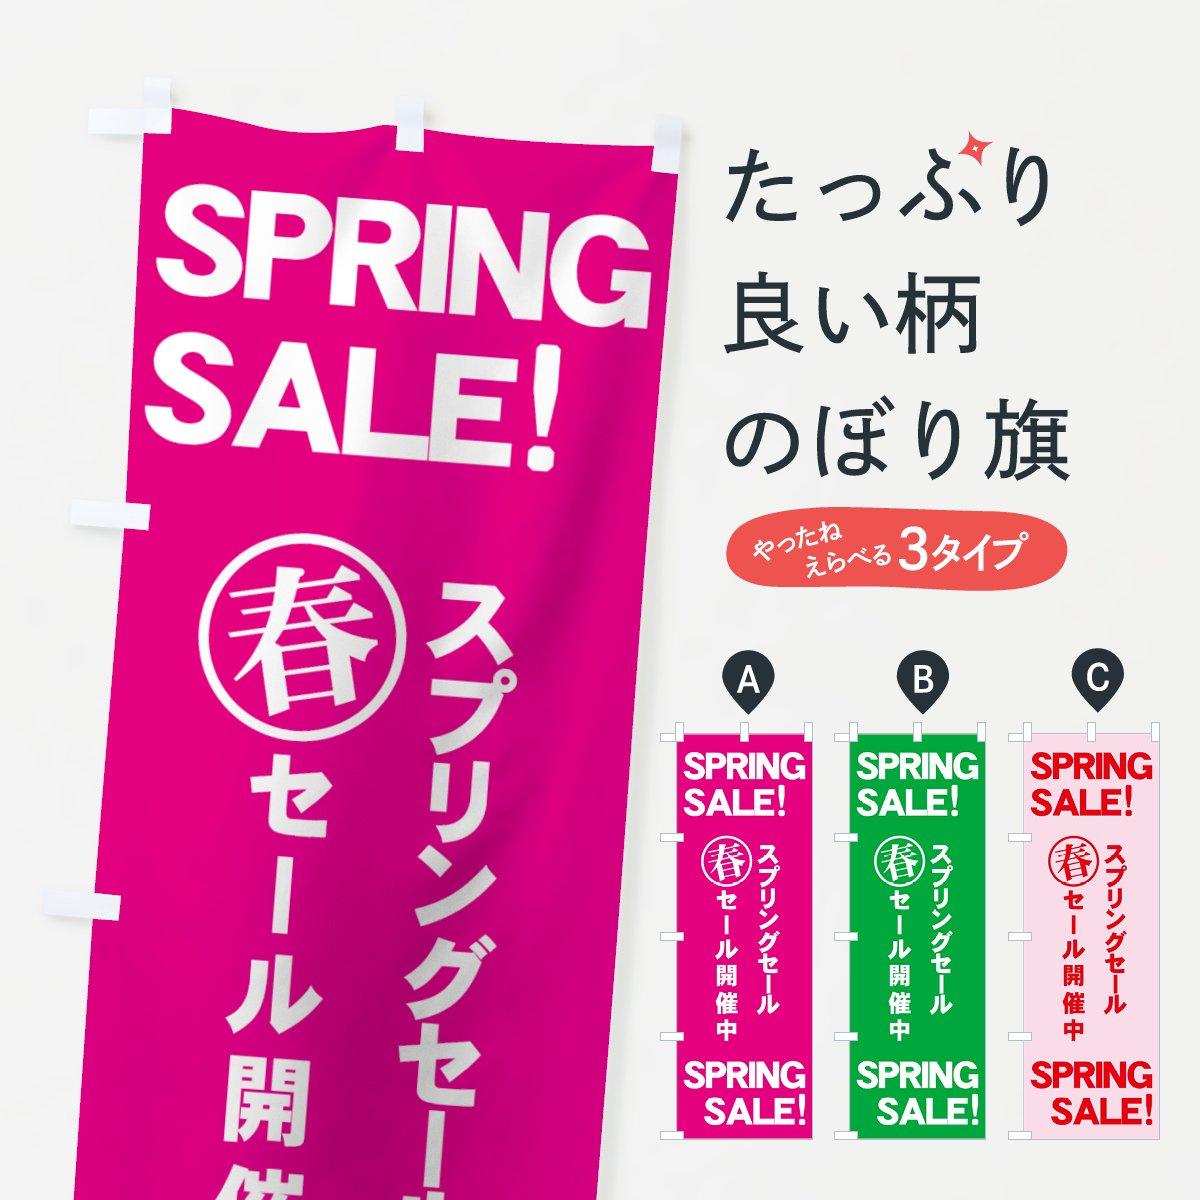 スプリングセール開催中のぼり旗 SPRING SALE 春